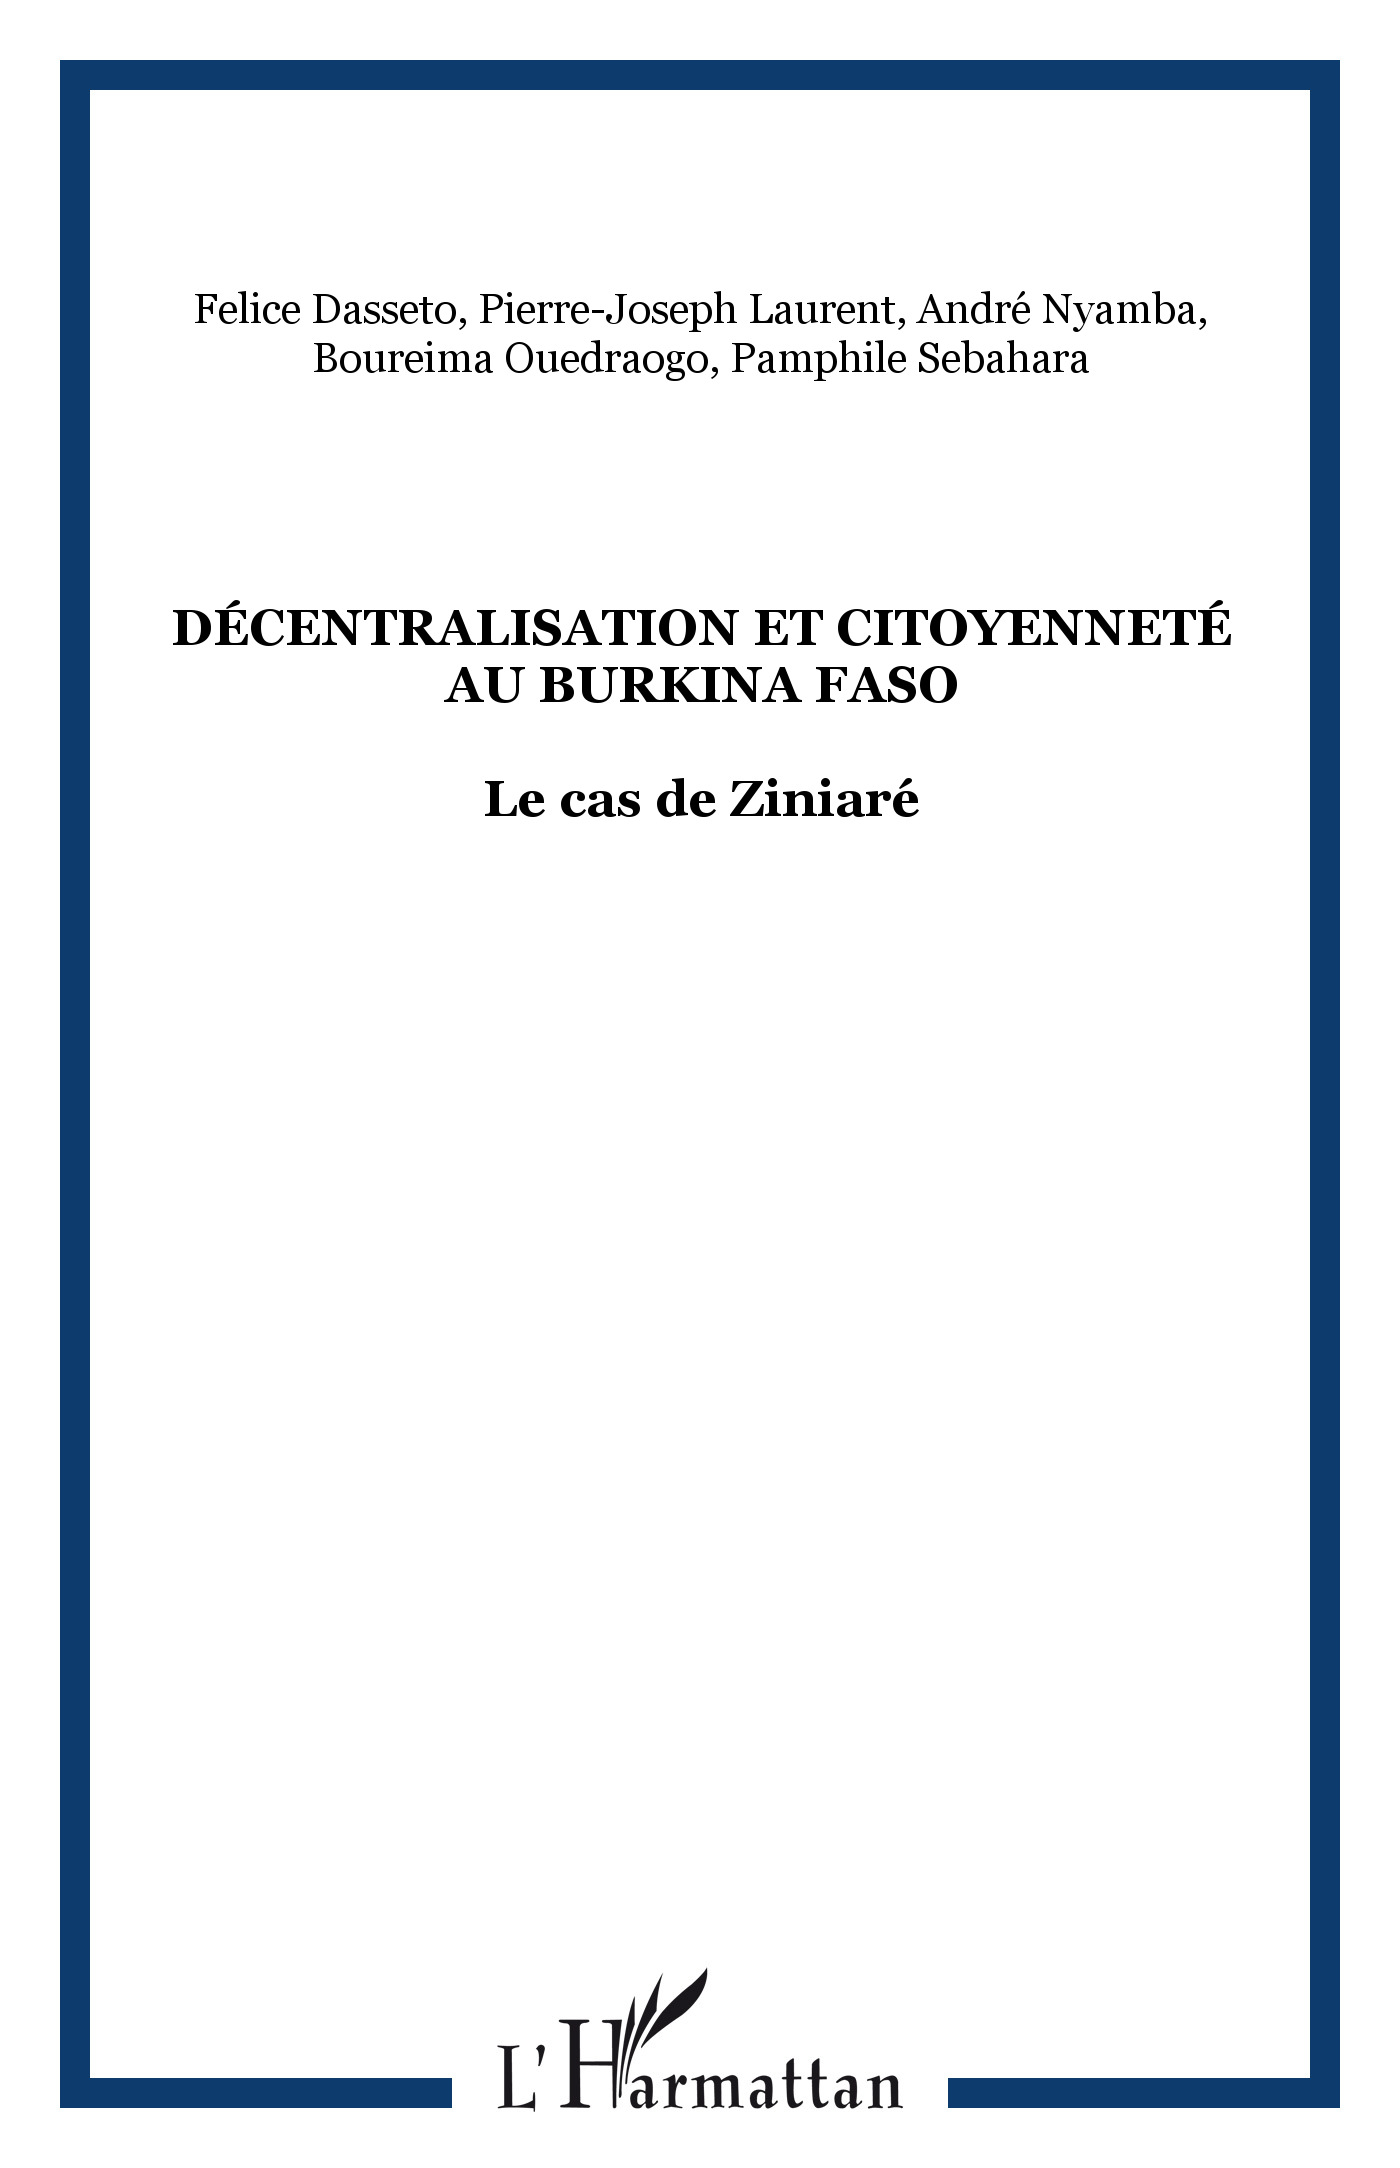 Décentralisation et citoyenneté au Burkin Faso